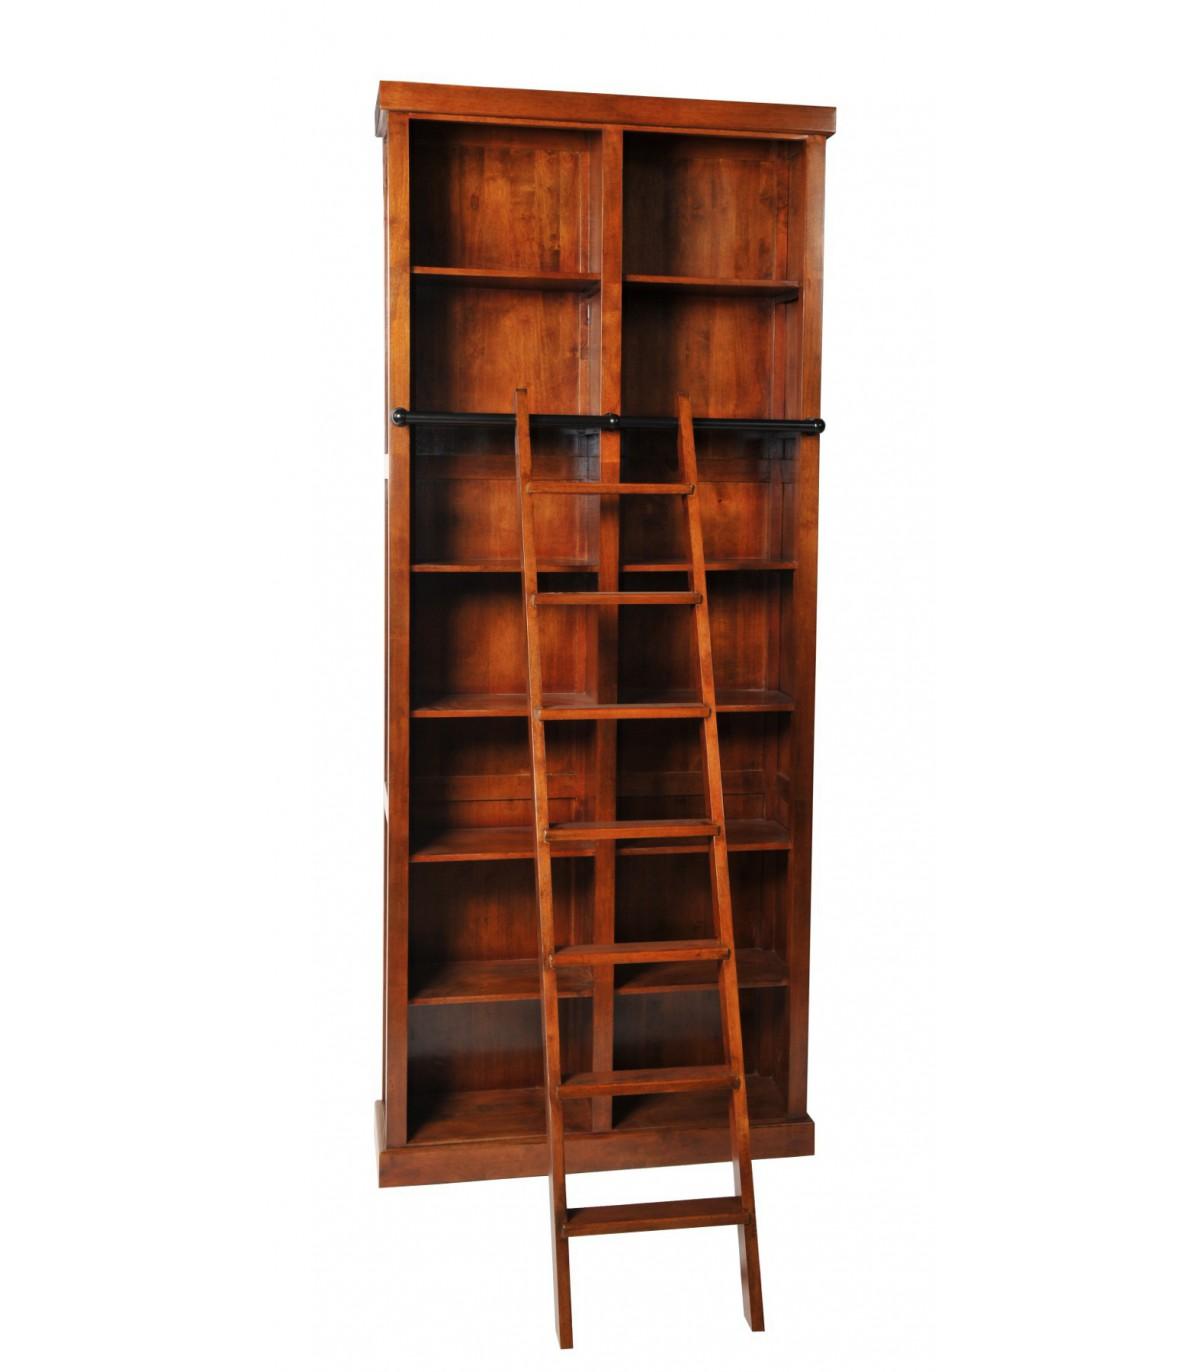 bibliothèque, échelle, bois, classique, meuble hevea, beldeko 6d98359f4f2e